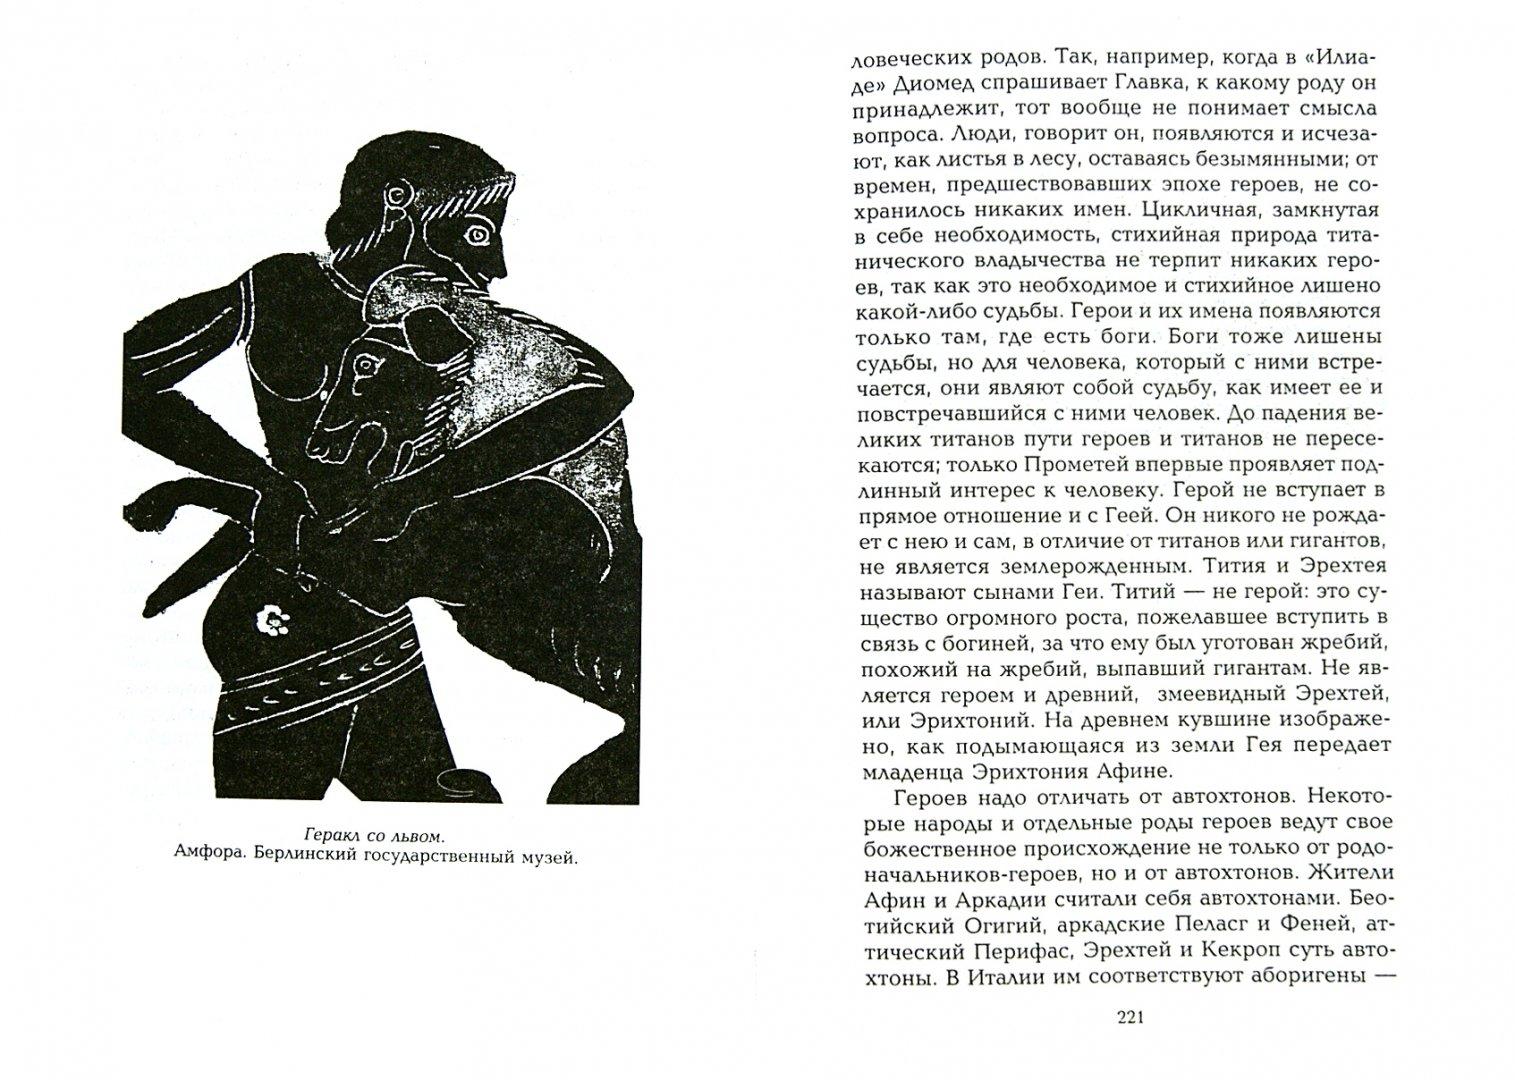 Иллюстрация 1 из 11 для Греческие мифы - Фридрих Юнгер | Лабиринт - книги. Источник: Лабиринт